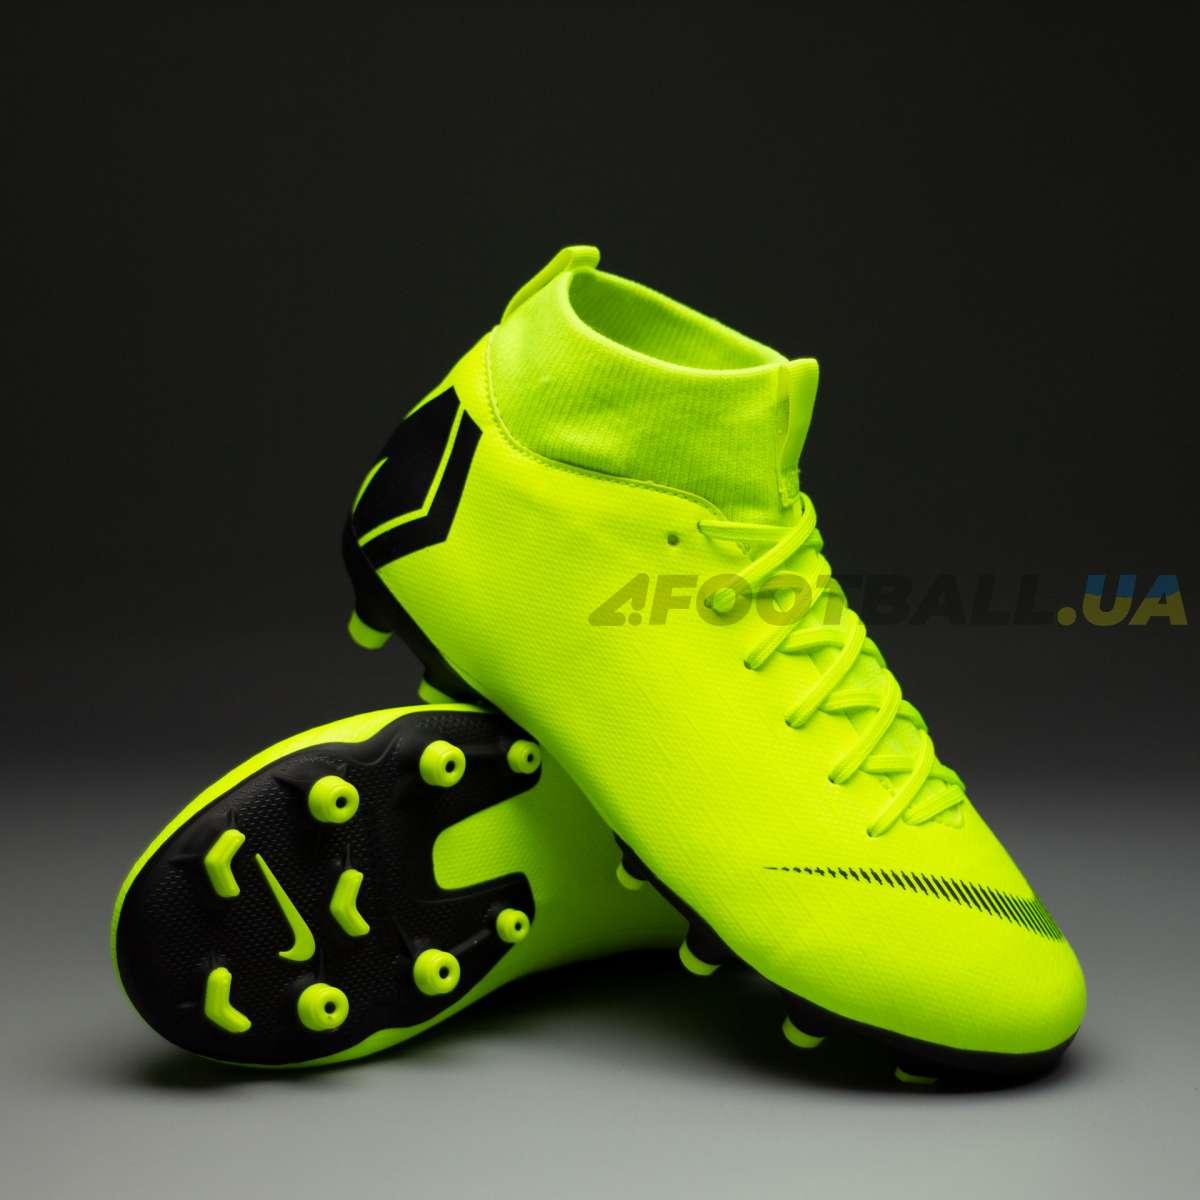 773c39eb Детские бутсы Nike Mercurial Superfly Academy AH7337-701 купить на ...